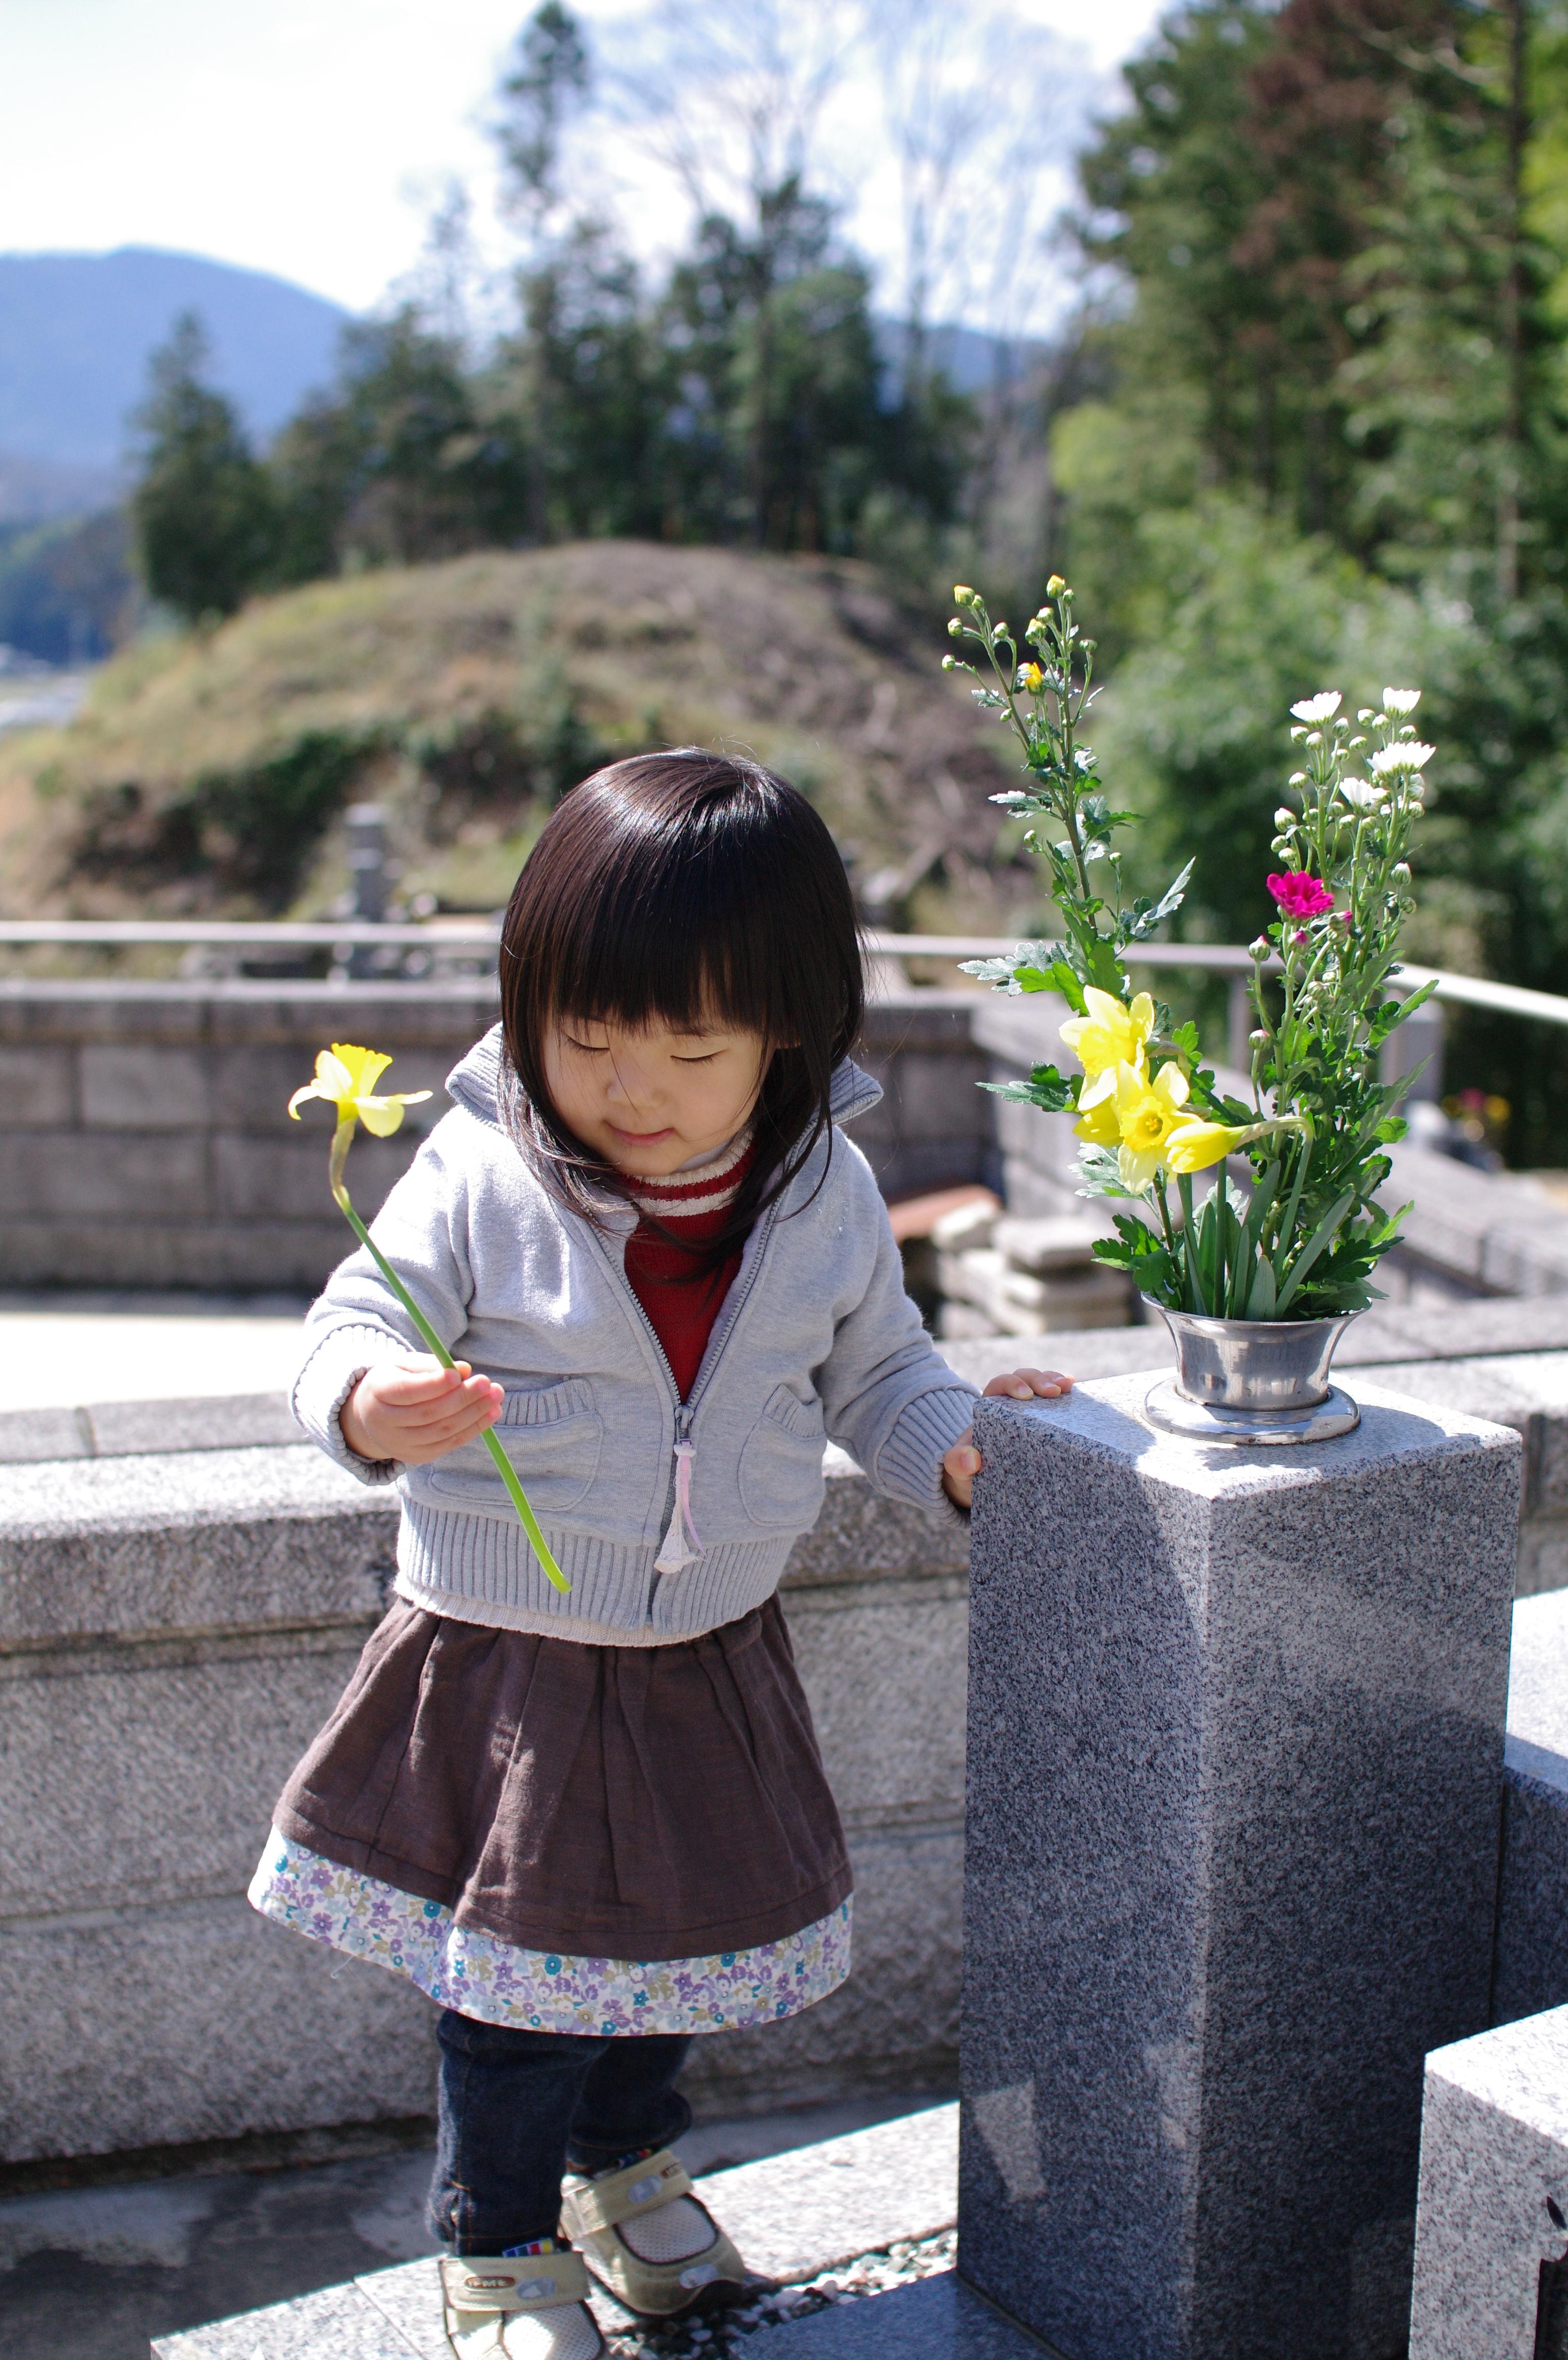 お墓参りには何を持って行けば良い?流れやマナーもご紹介します。のサムネイル画像